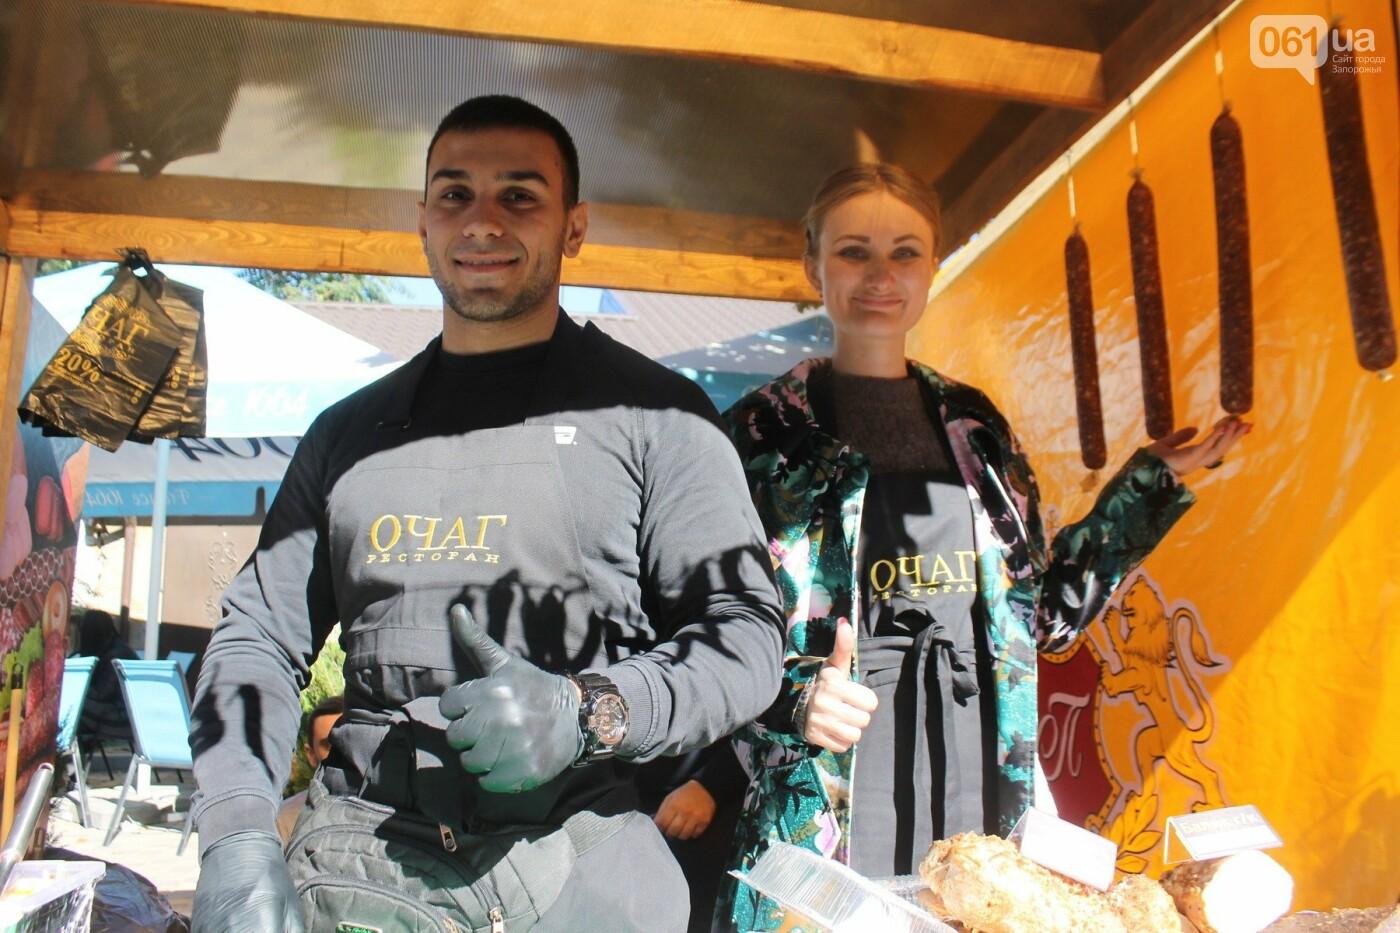 Как в Запорожье прошел пивной фестиваль «Beluga Beer fest», – ФОТОРЕПОРТАЖ, фото-32